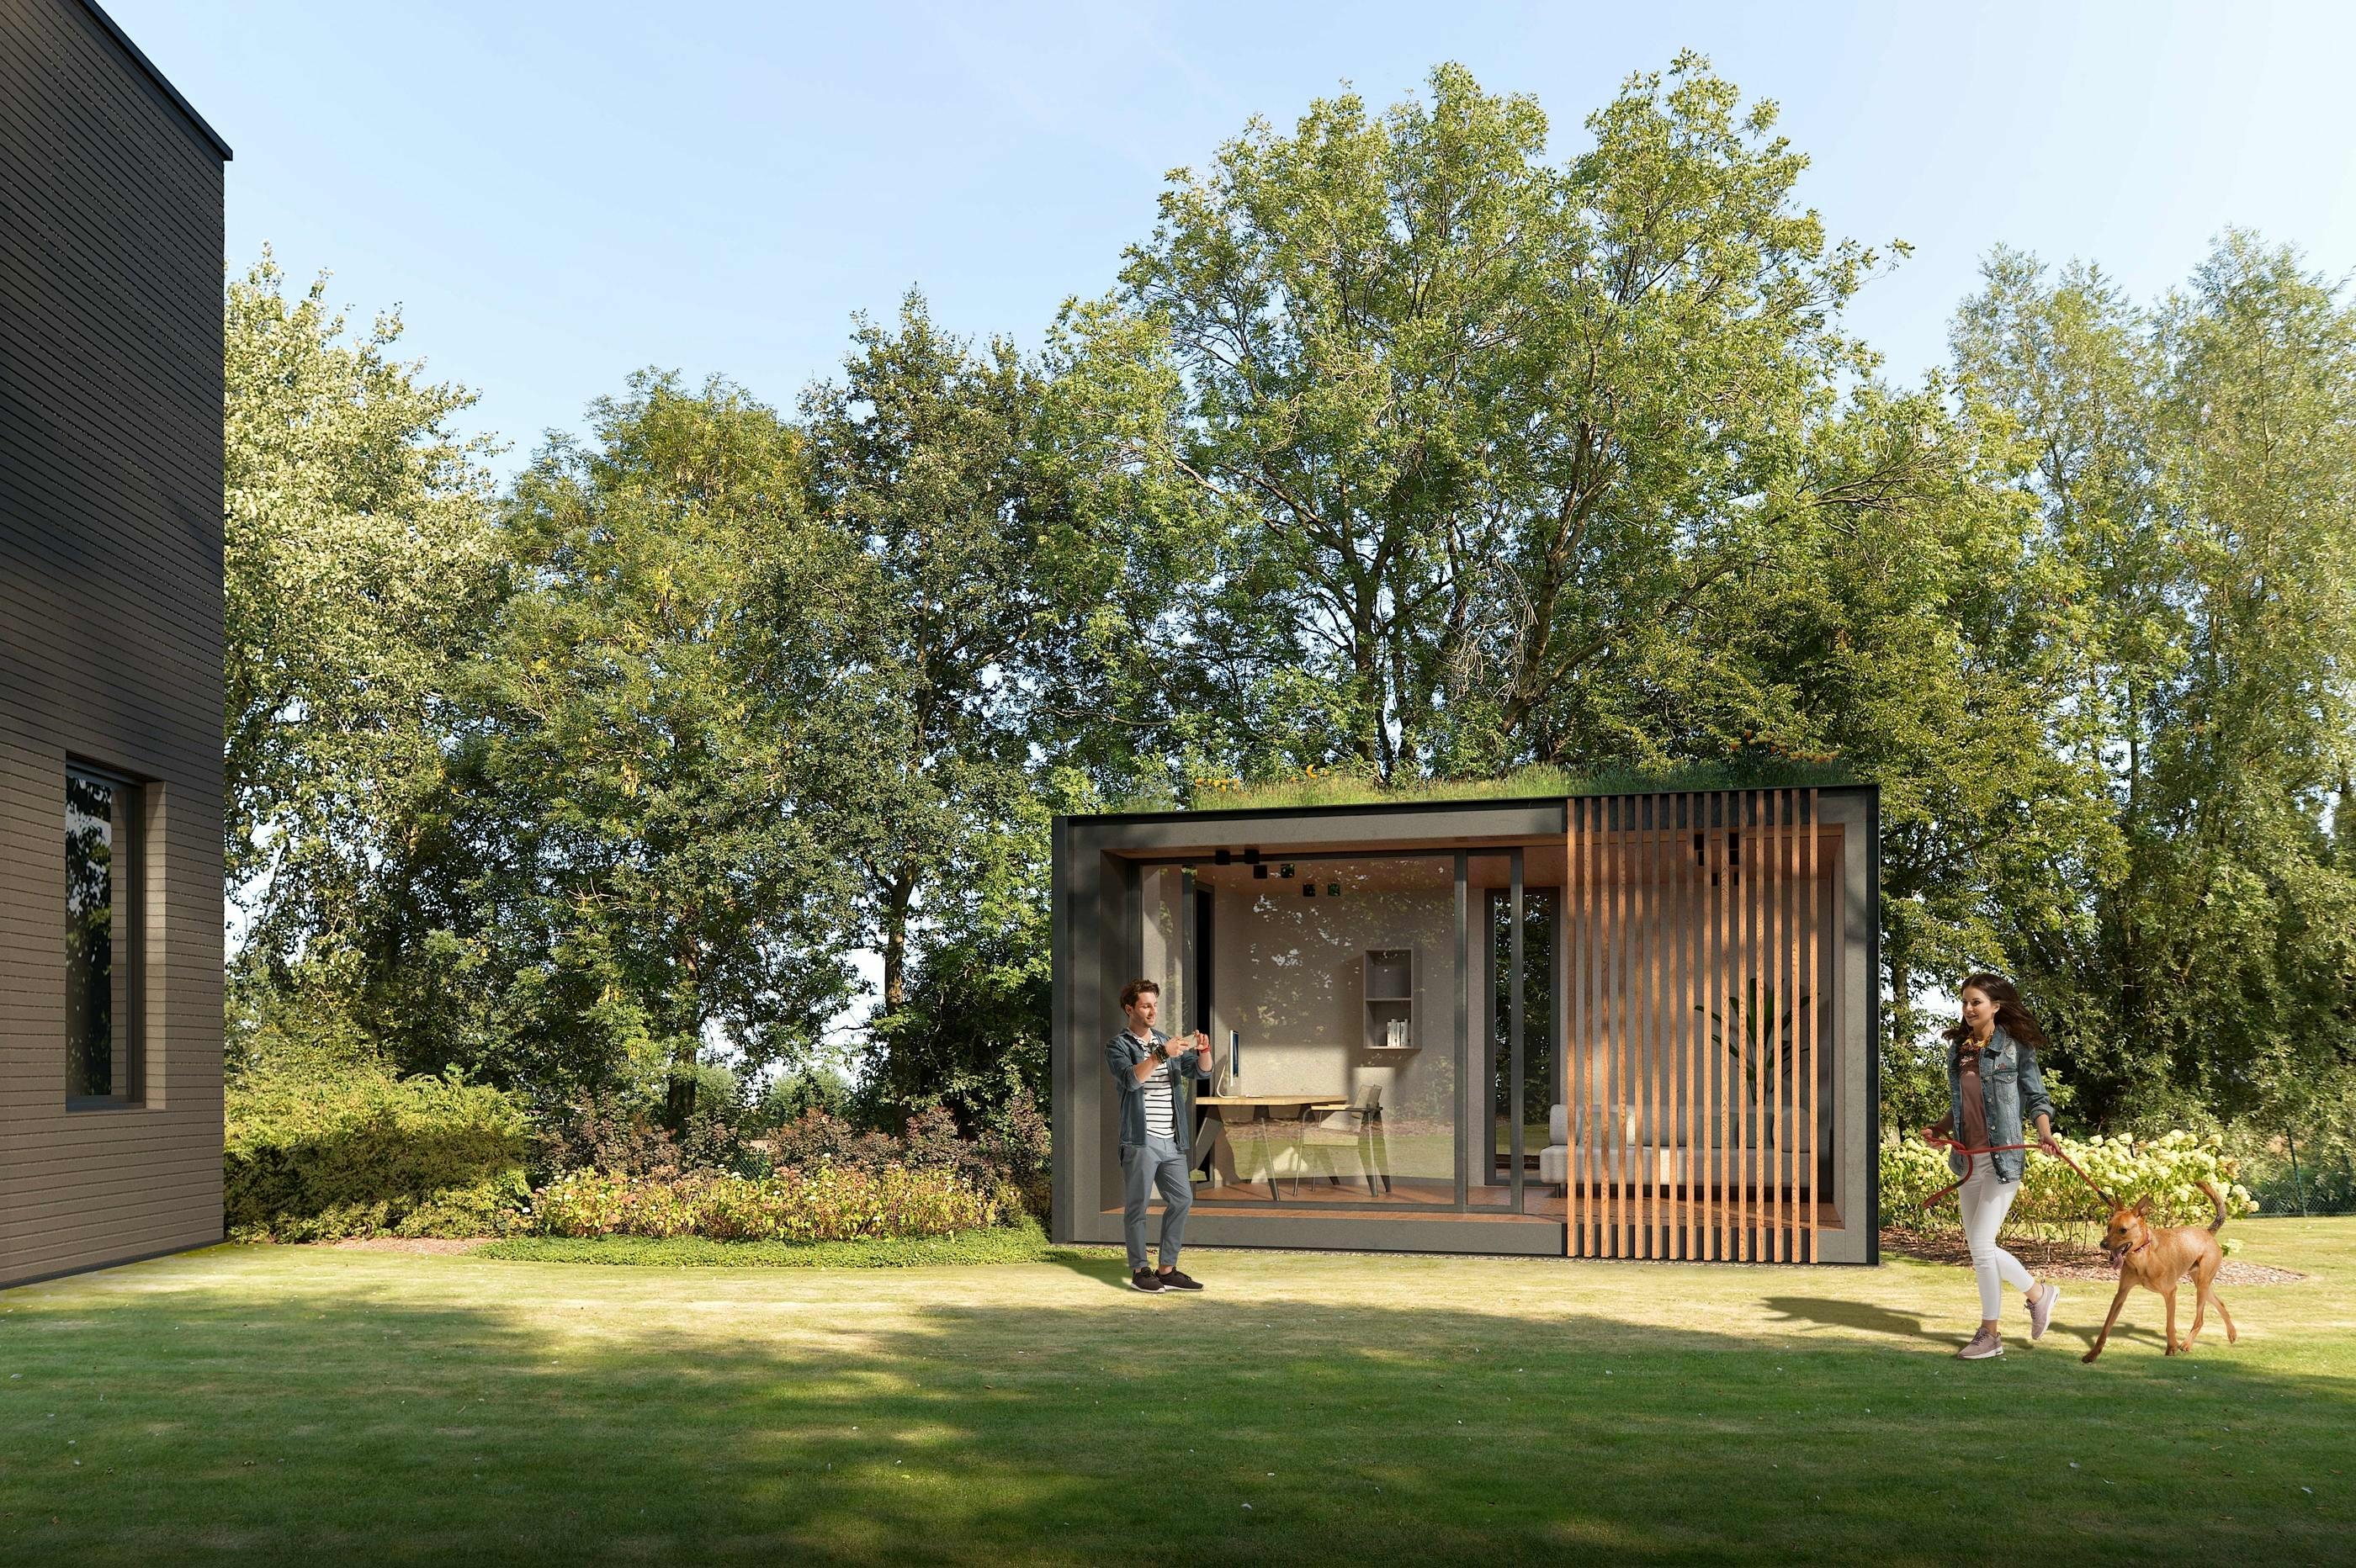 modern houten bijgebouw in tuin, gebruikt als tuinkantoor